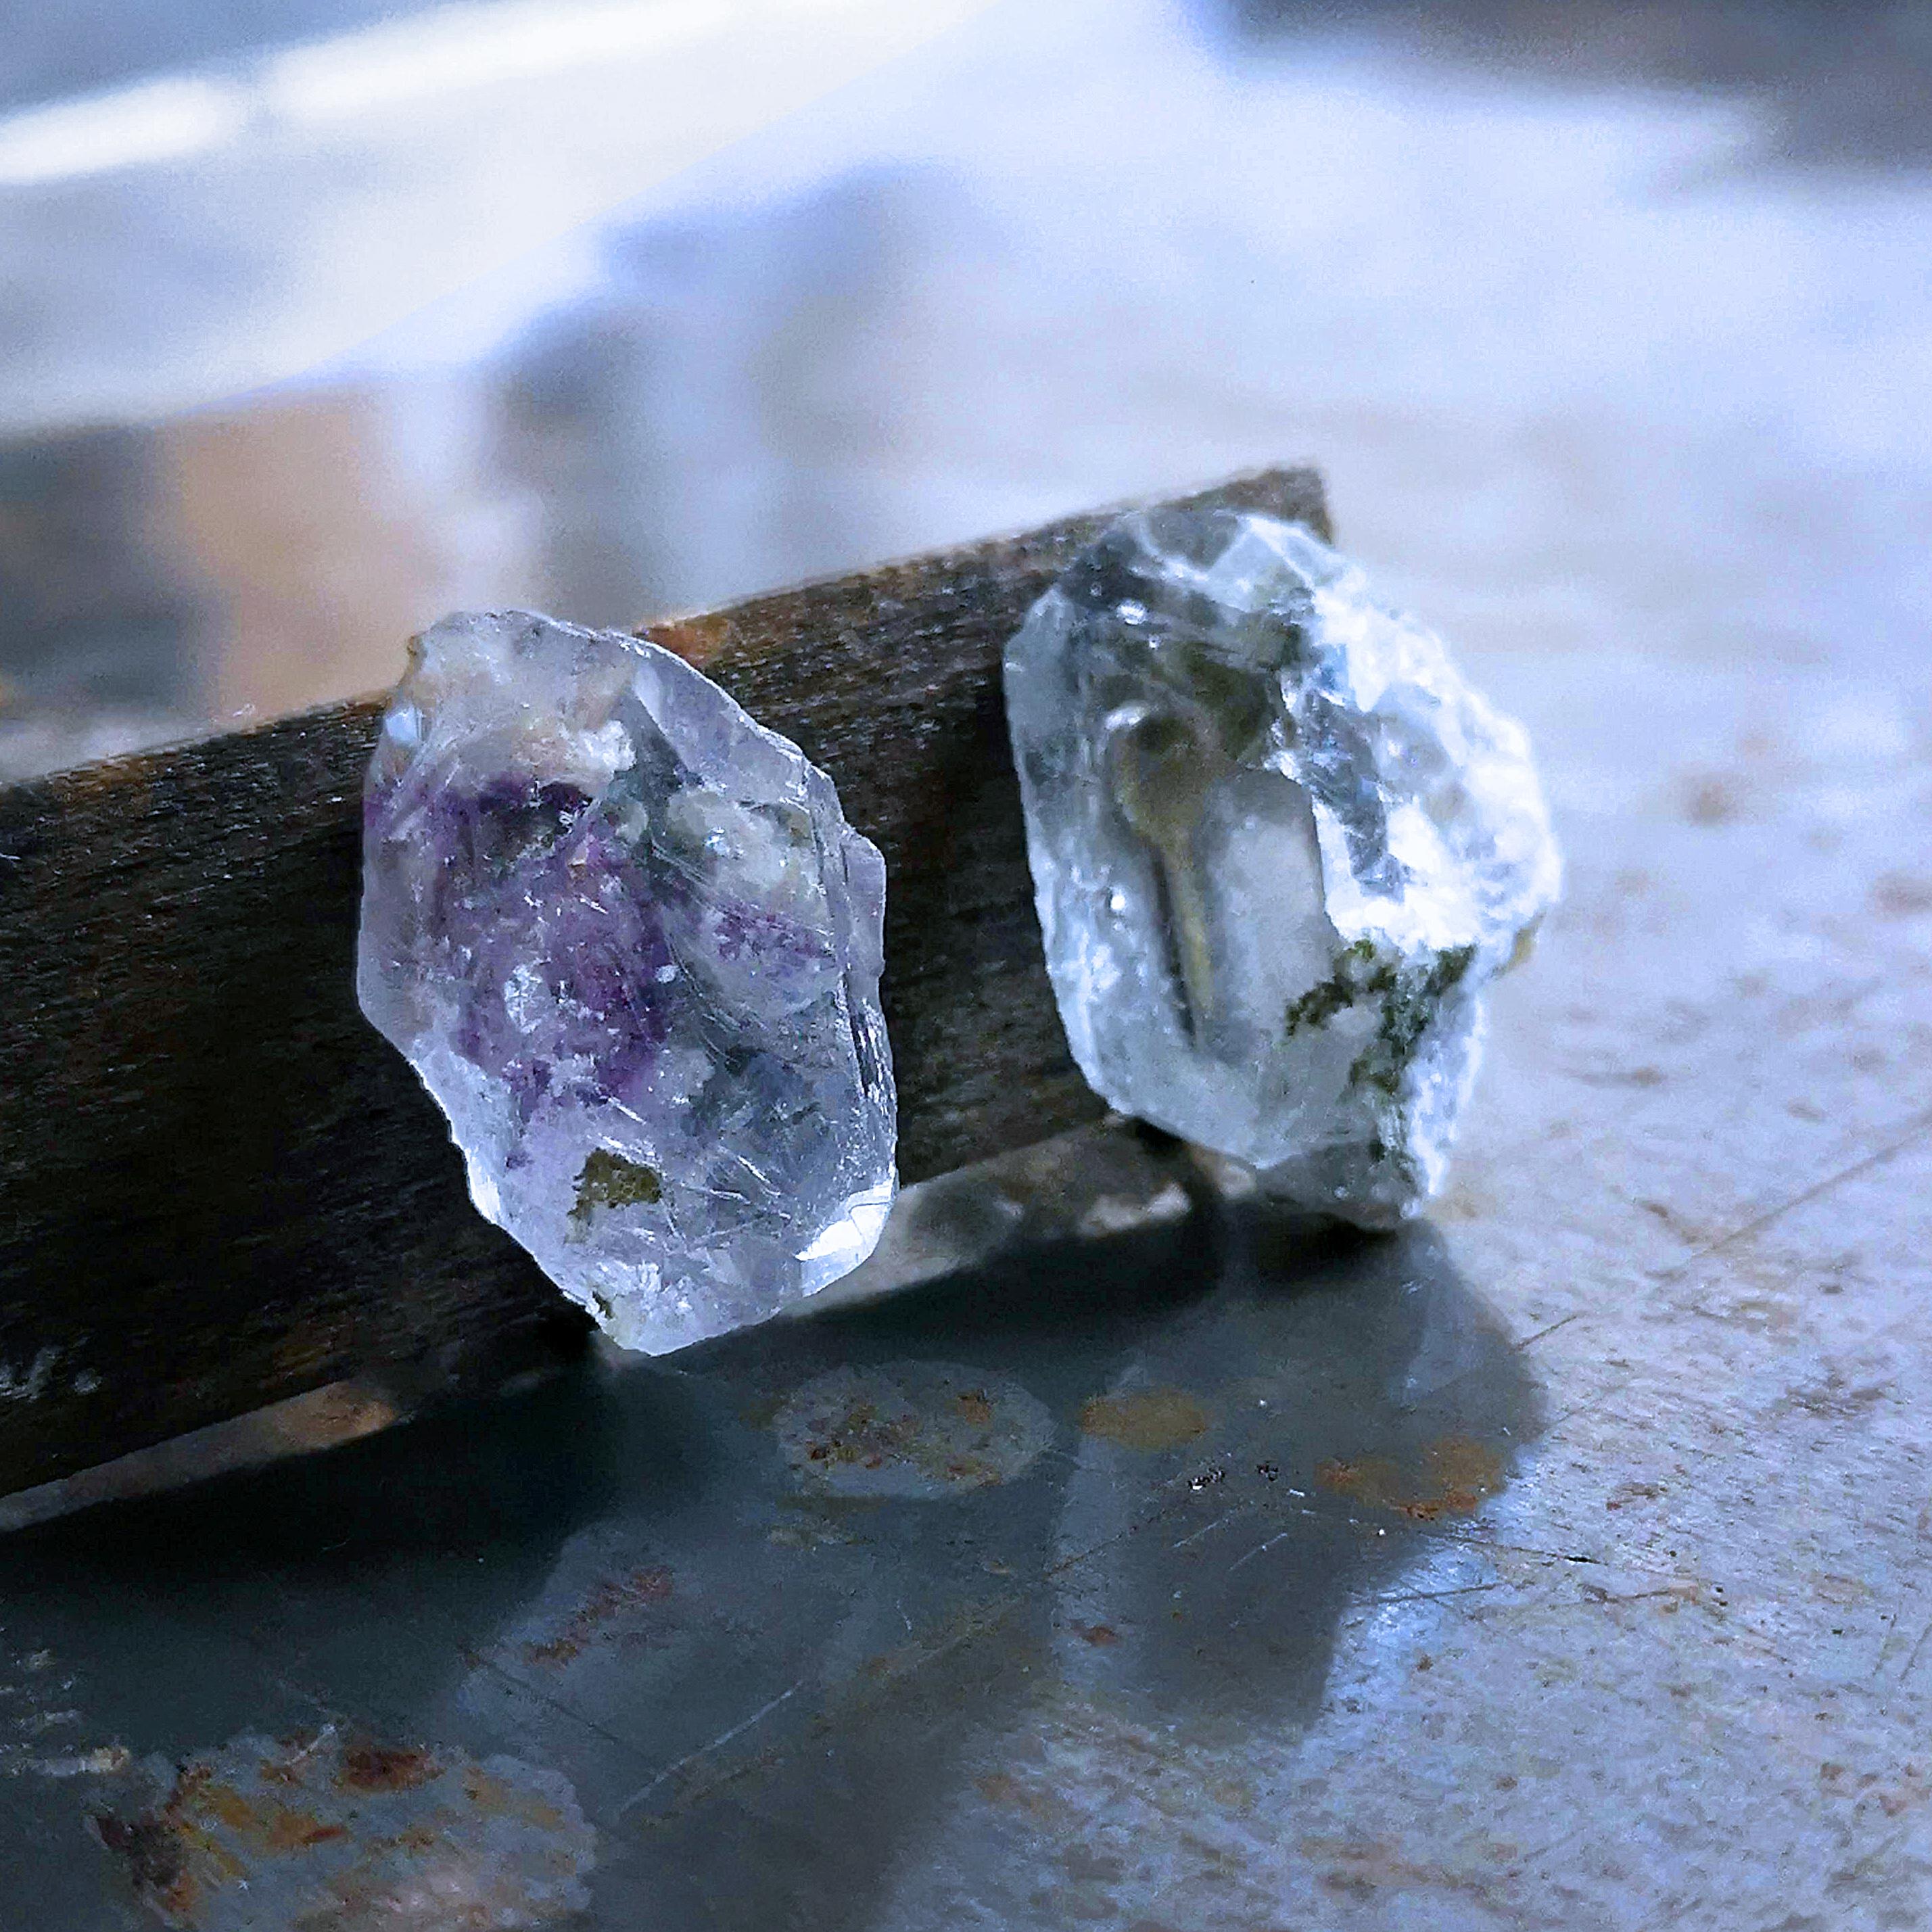 紫色を包んだ透明蛍石のイヤリング